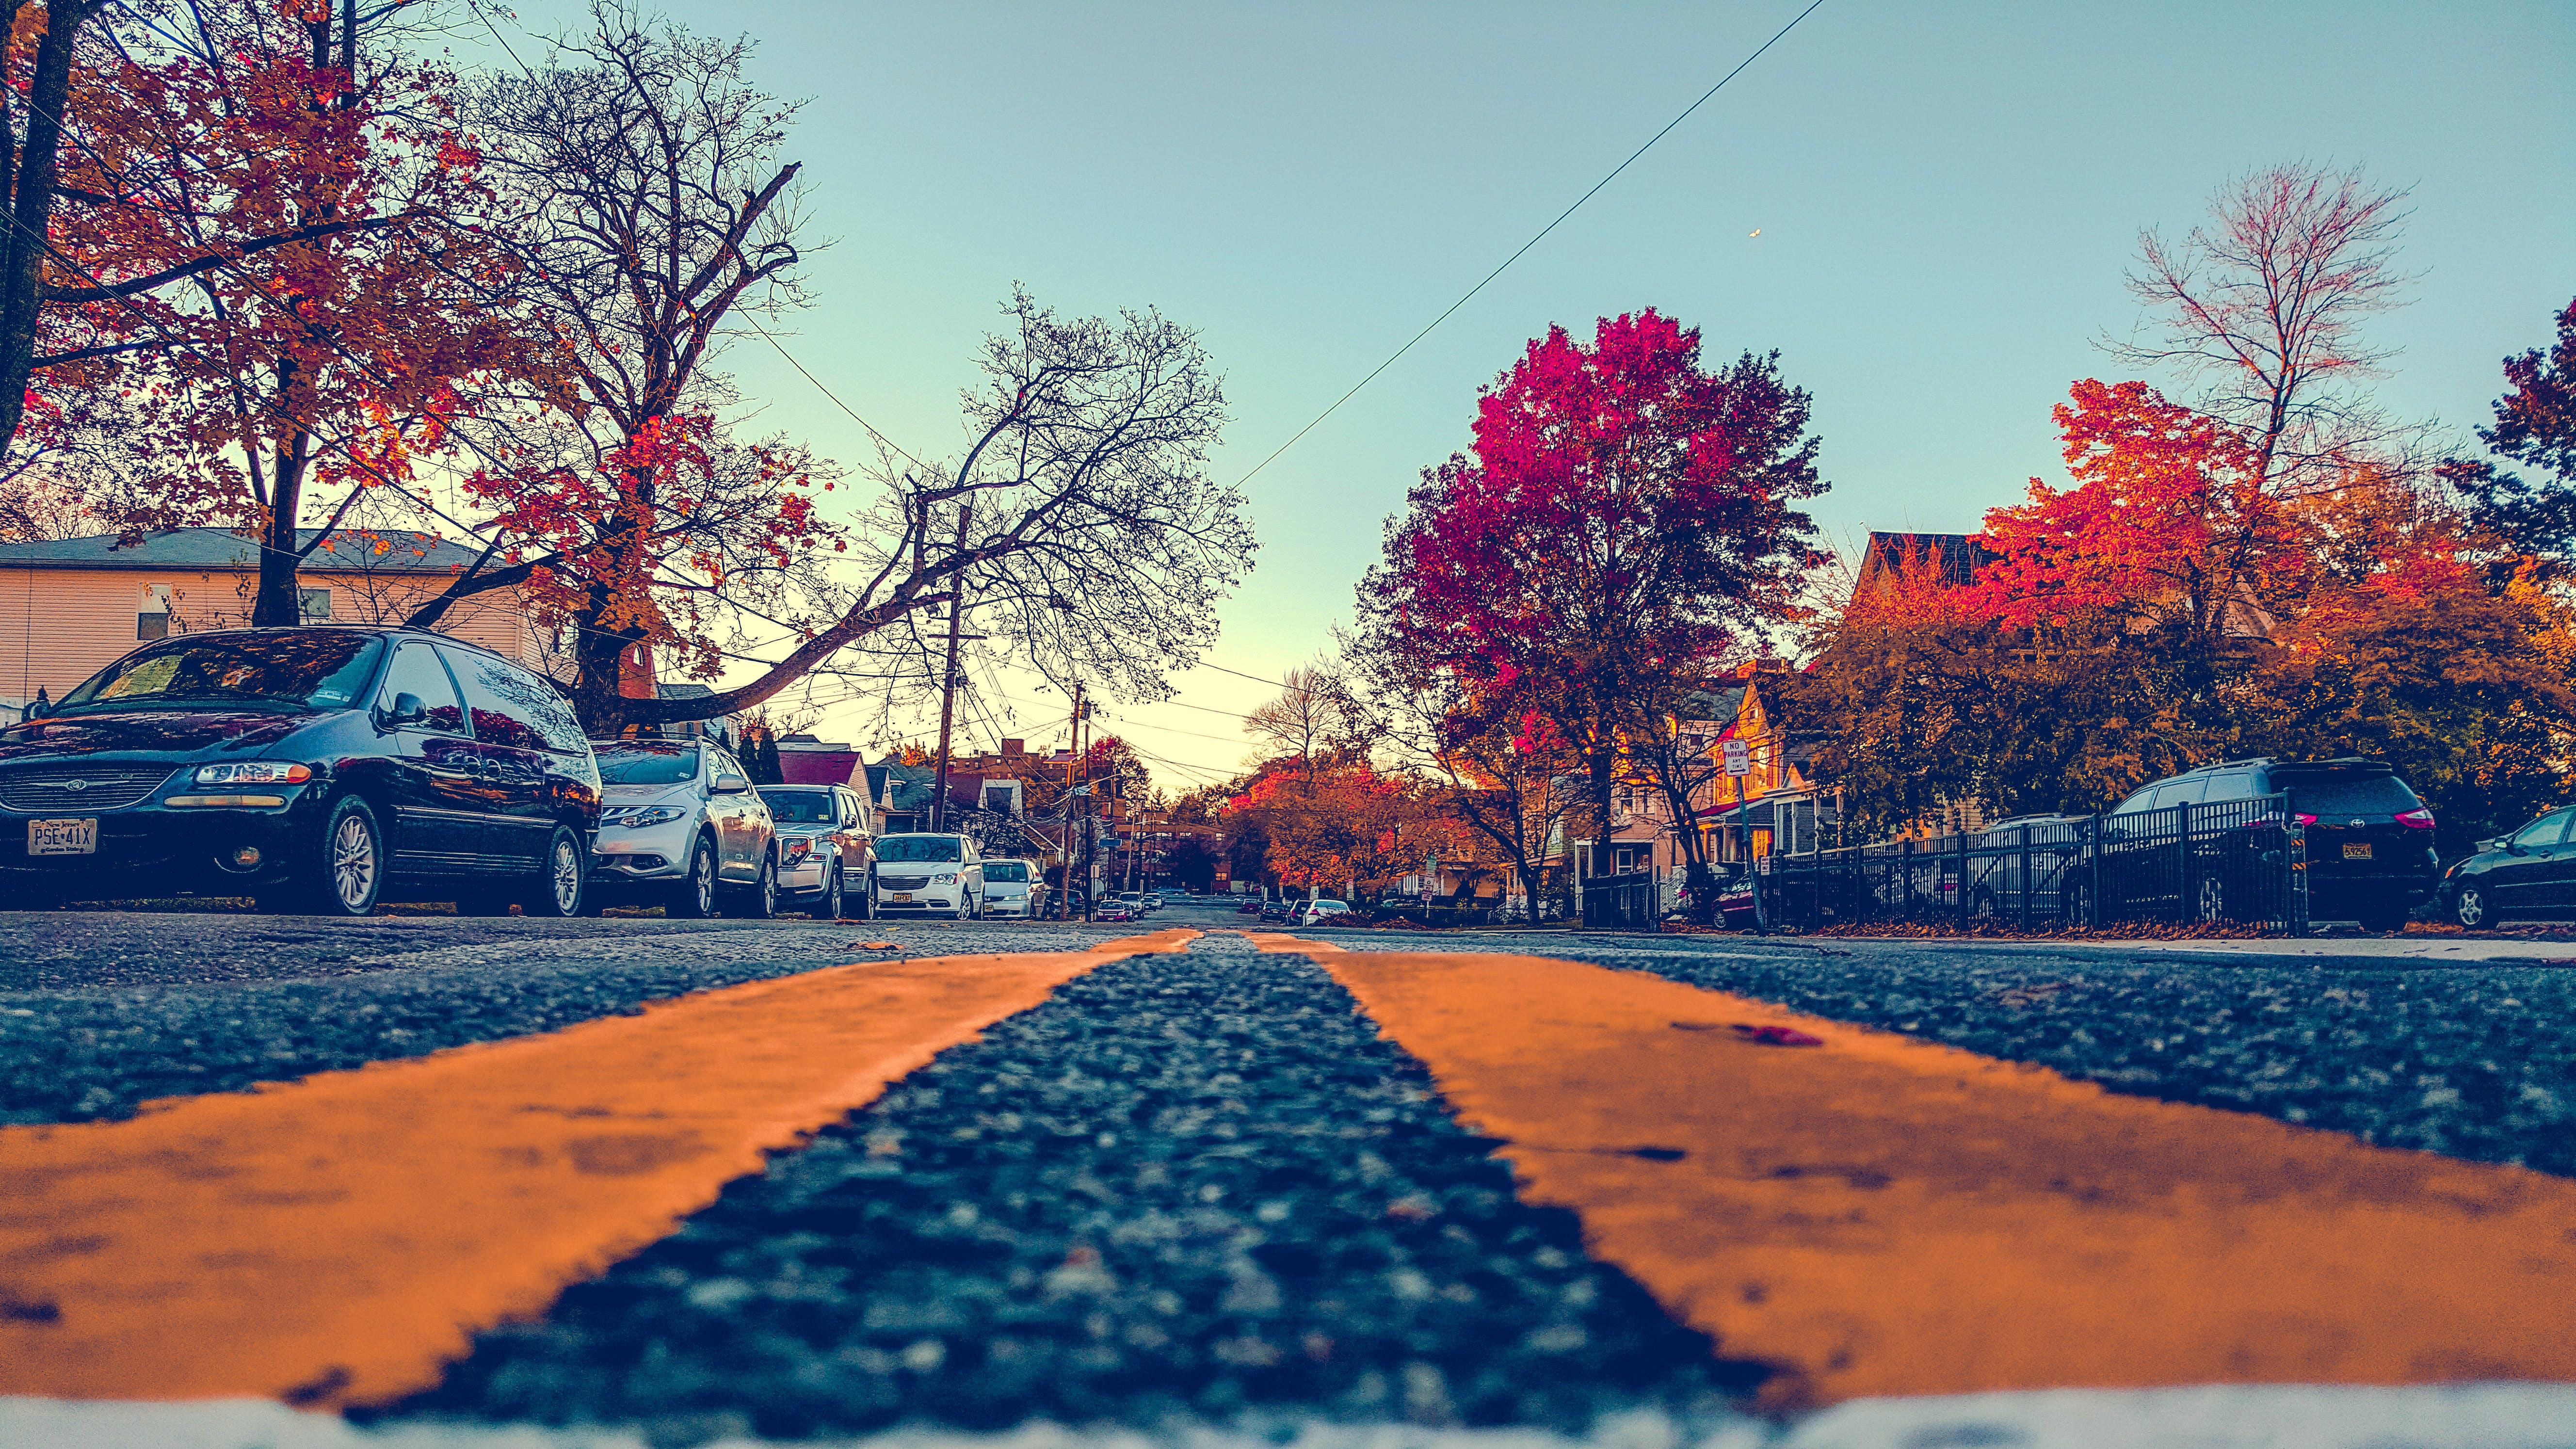 Yellow Painted Pedestrian Lane